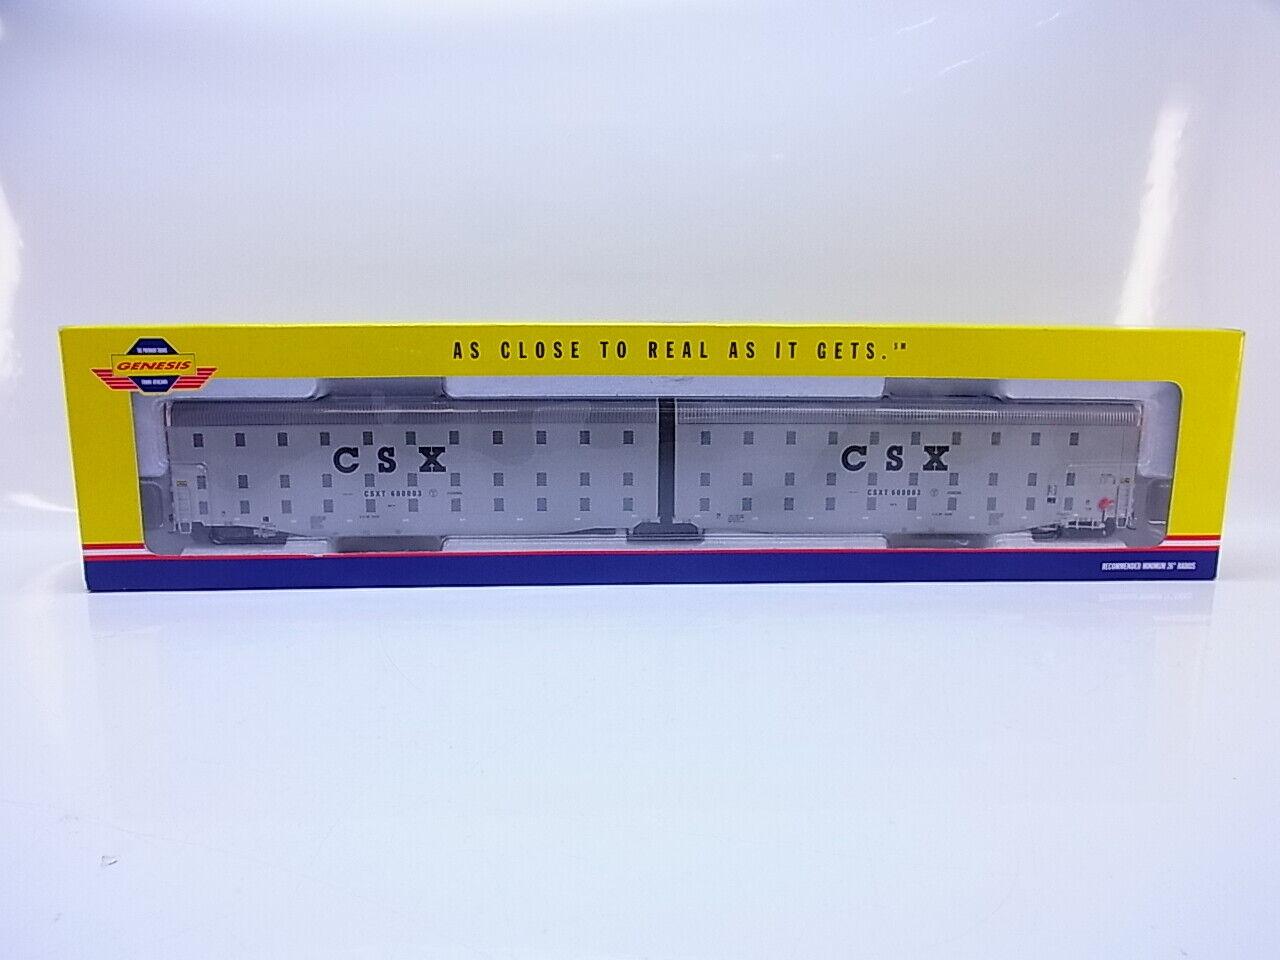 55060 55060 55060 ATHEARN Genesis h0 g4406 US CSX auto-MAX cstx600003 non aperto in scatola originale a2b3a3